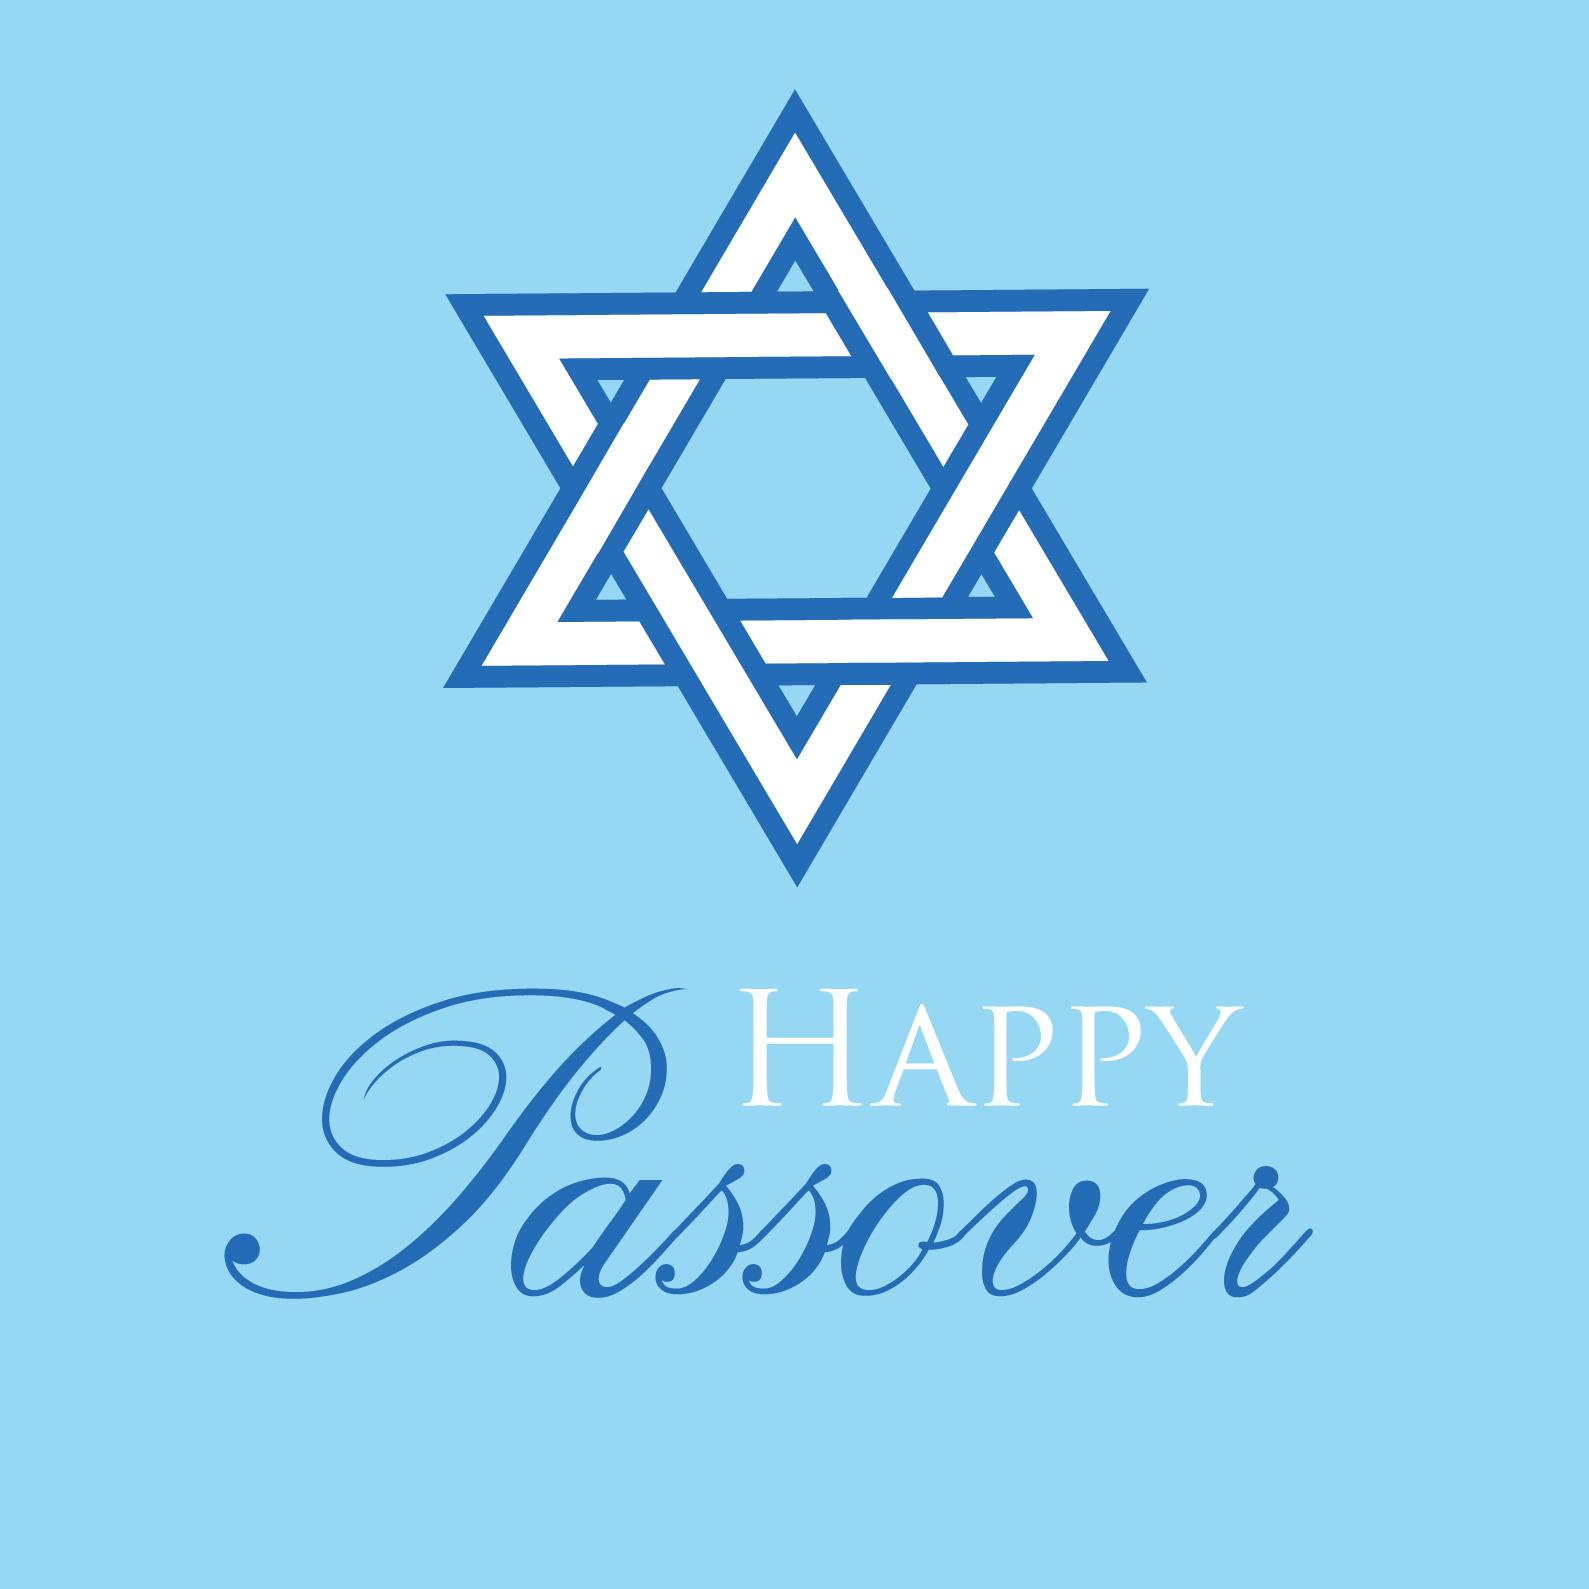 happy passover - photo #35